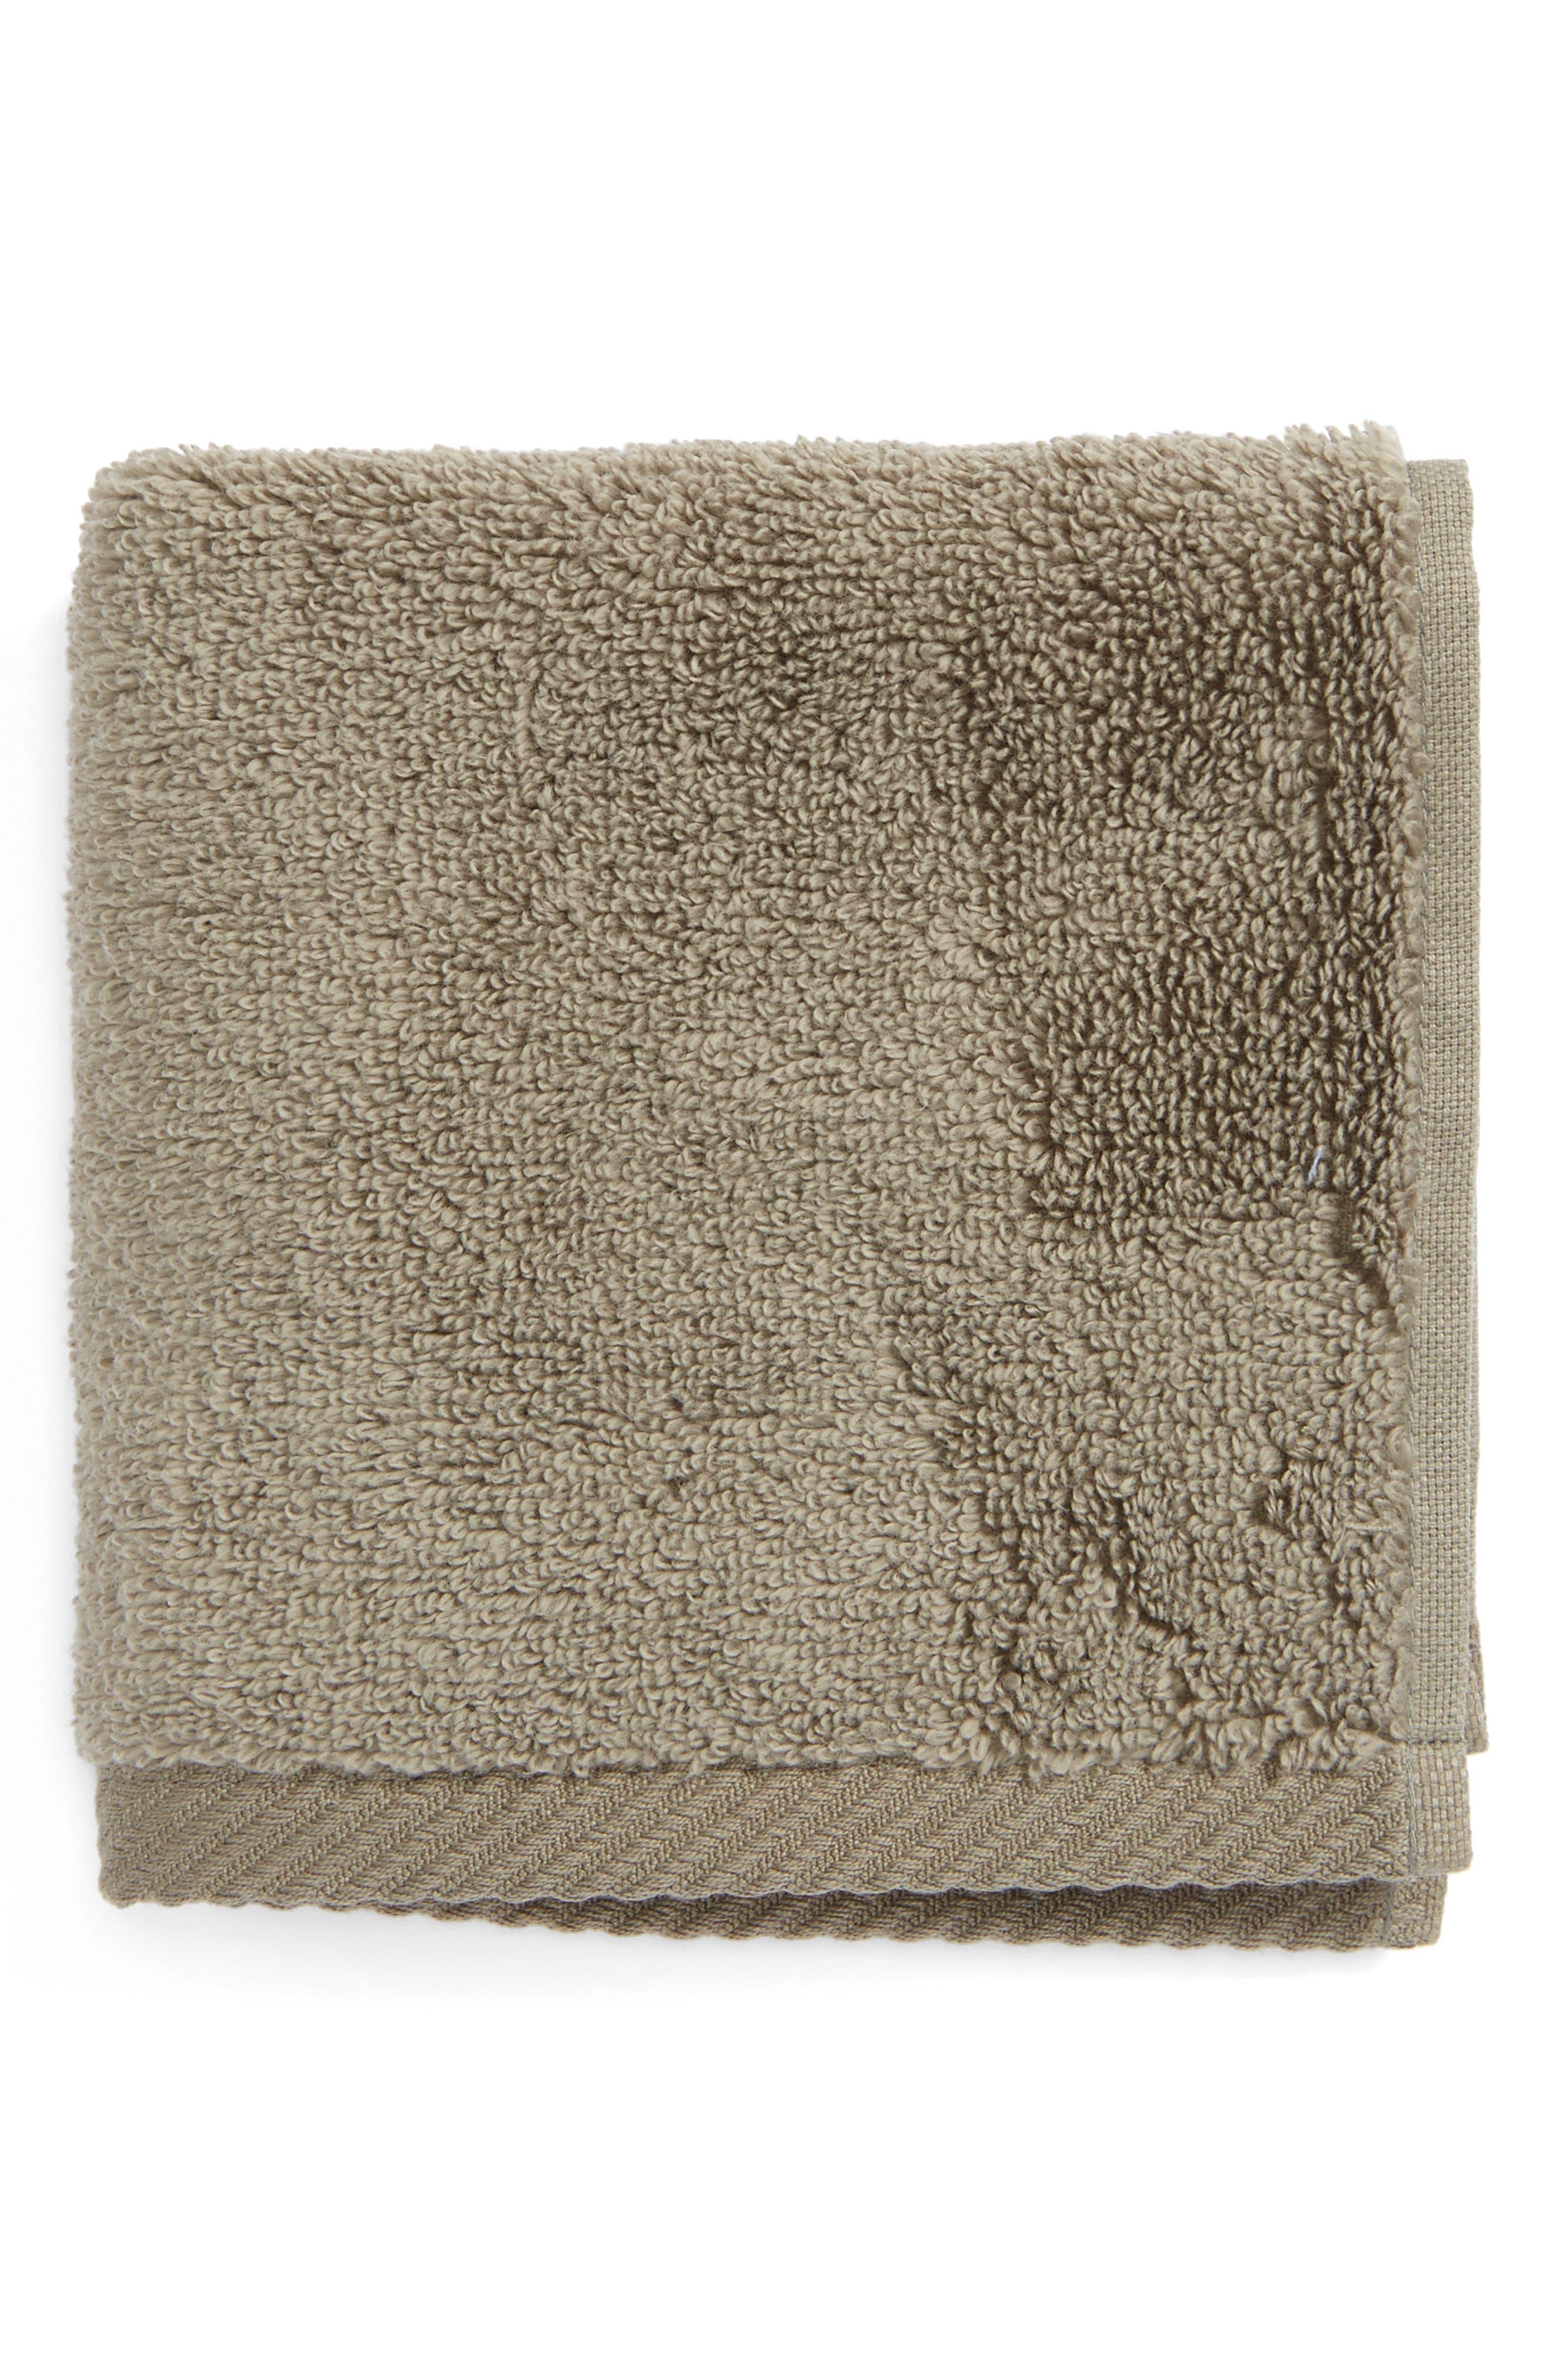 Milagro Washcloth,                             Main thumbnail 1, color,                             STEEL